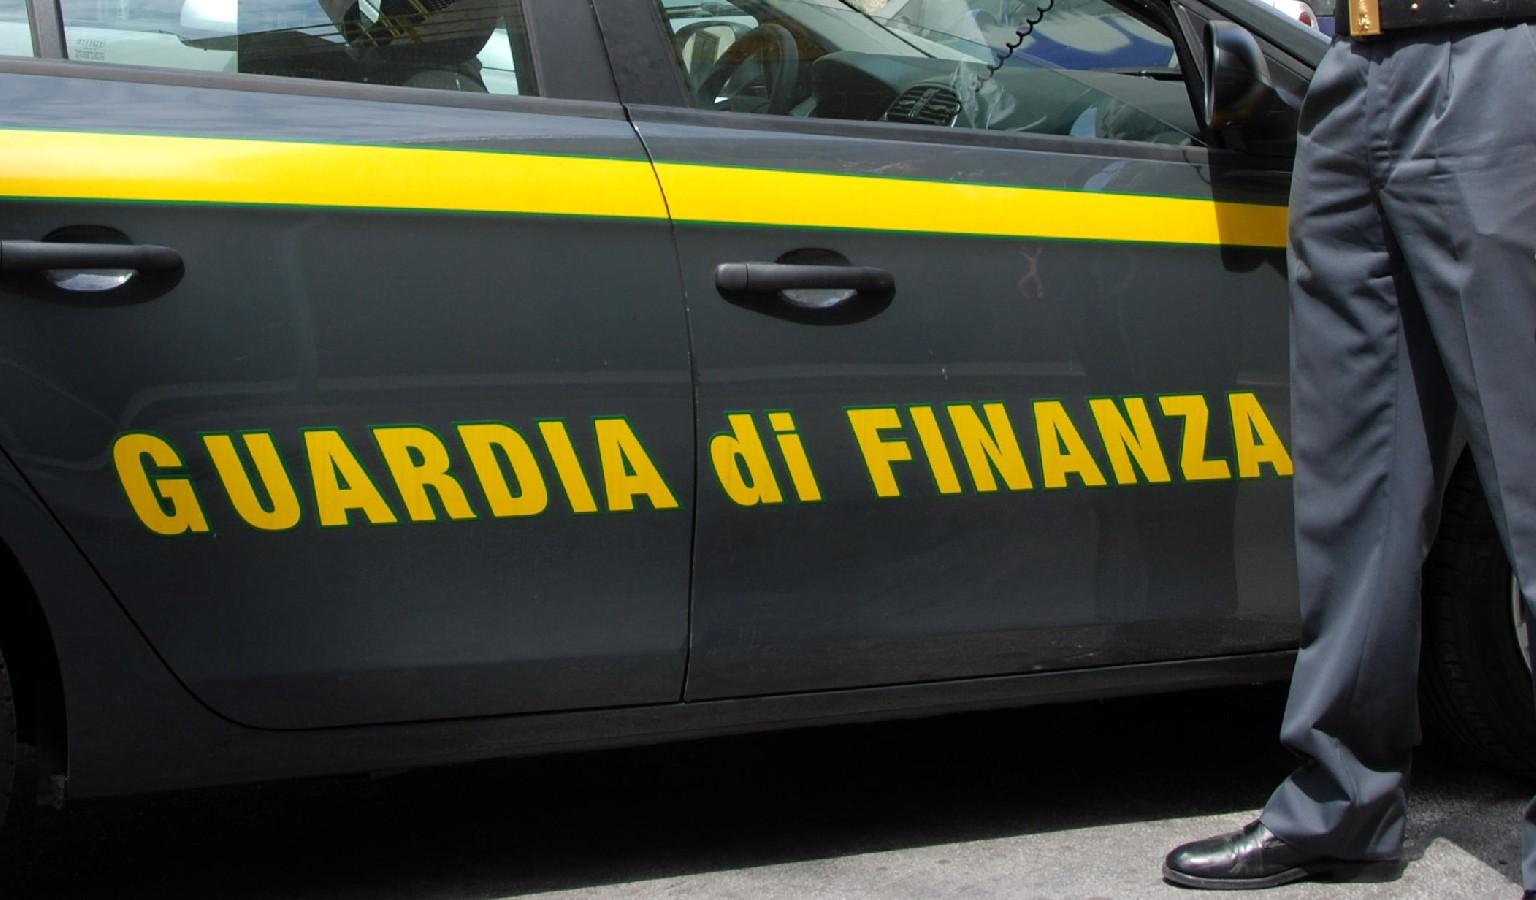 Frode fiscale di 47 milioni scoperta dalla Guardia di Finanza